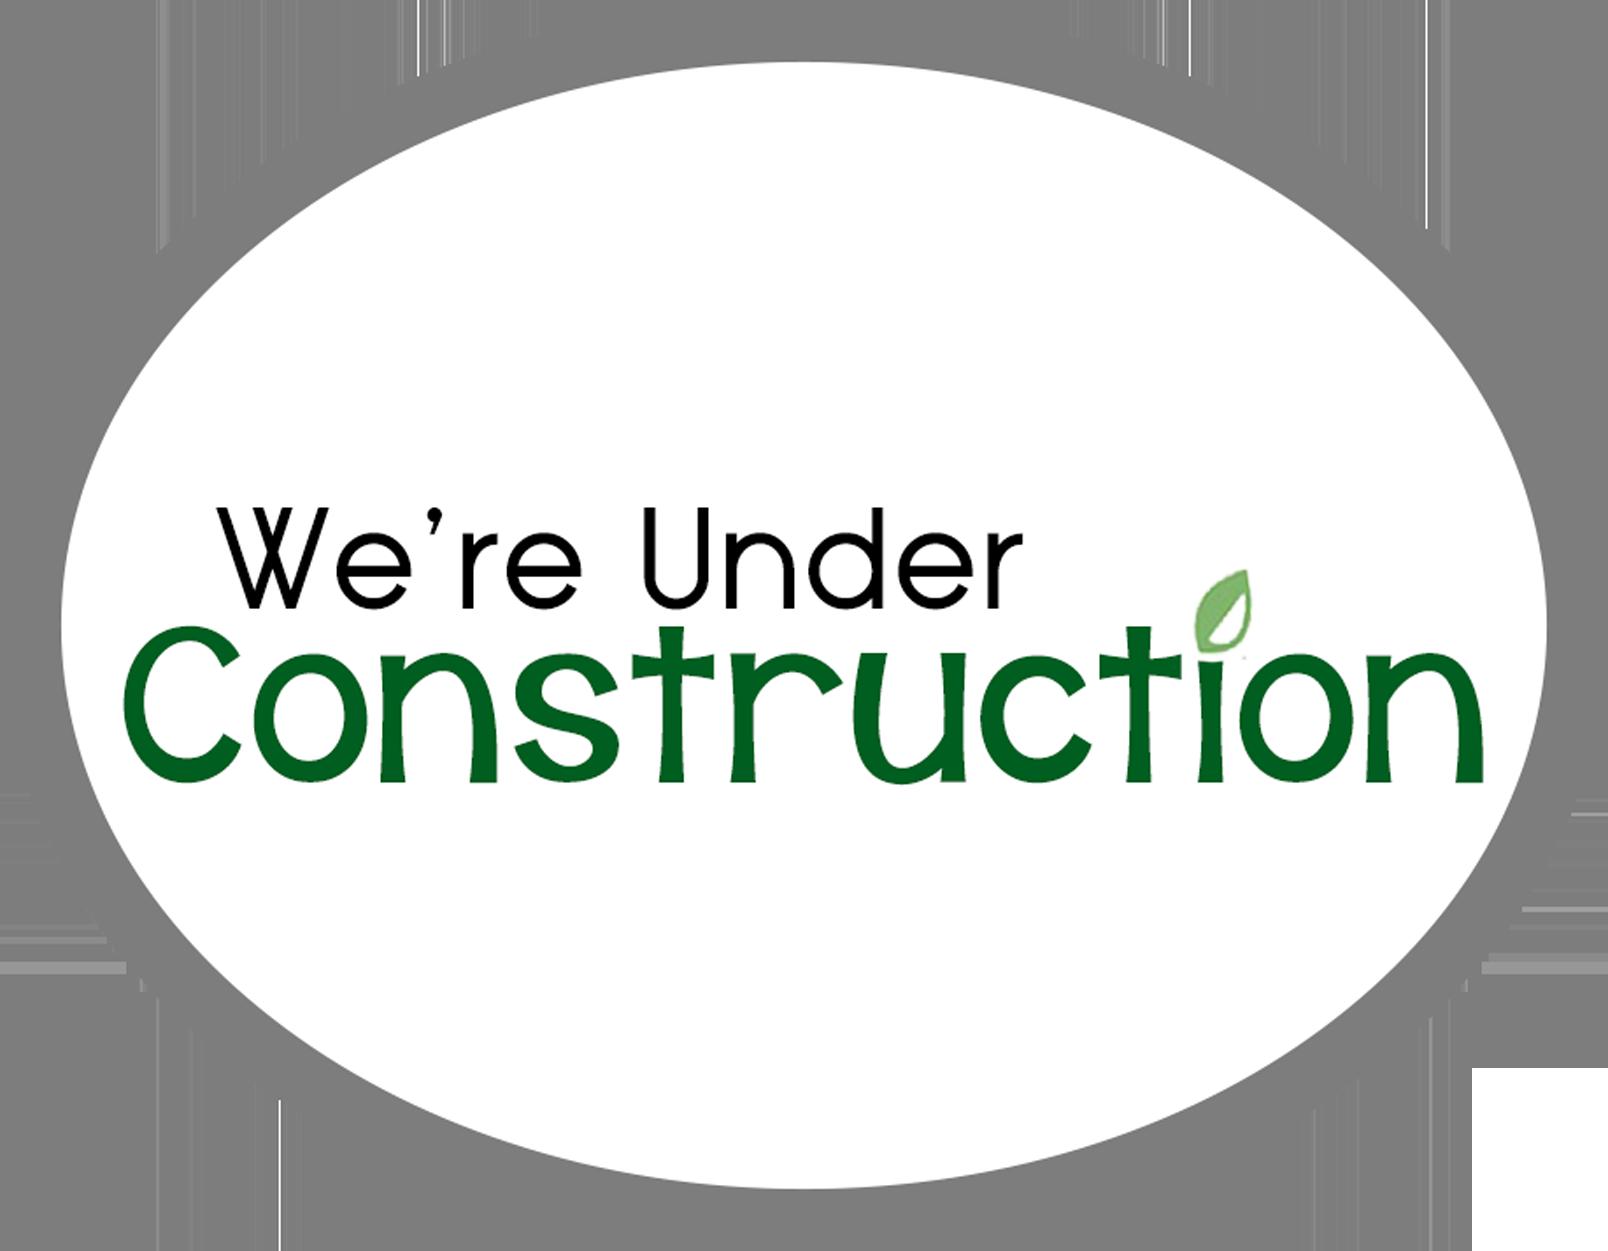 UnderContstruction-3.png